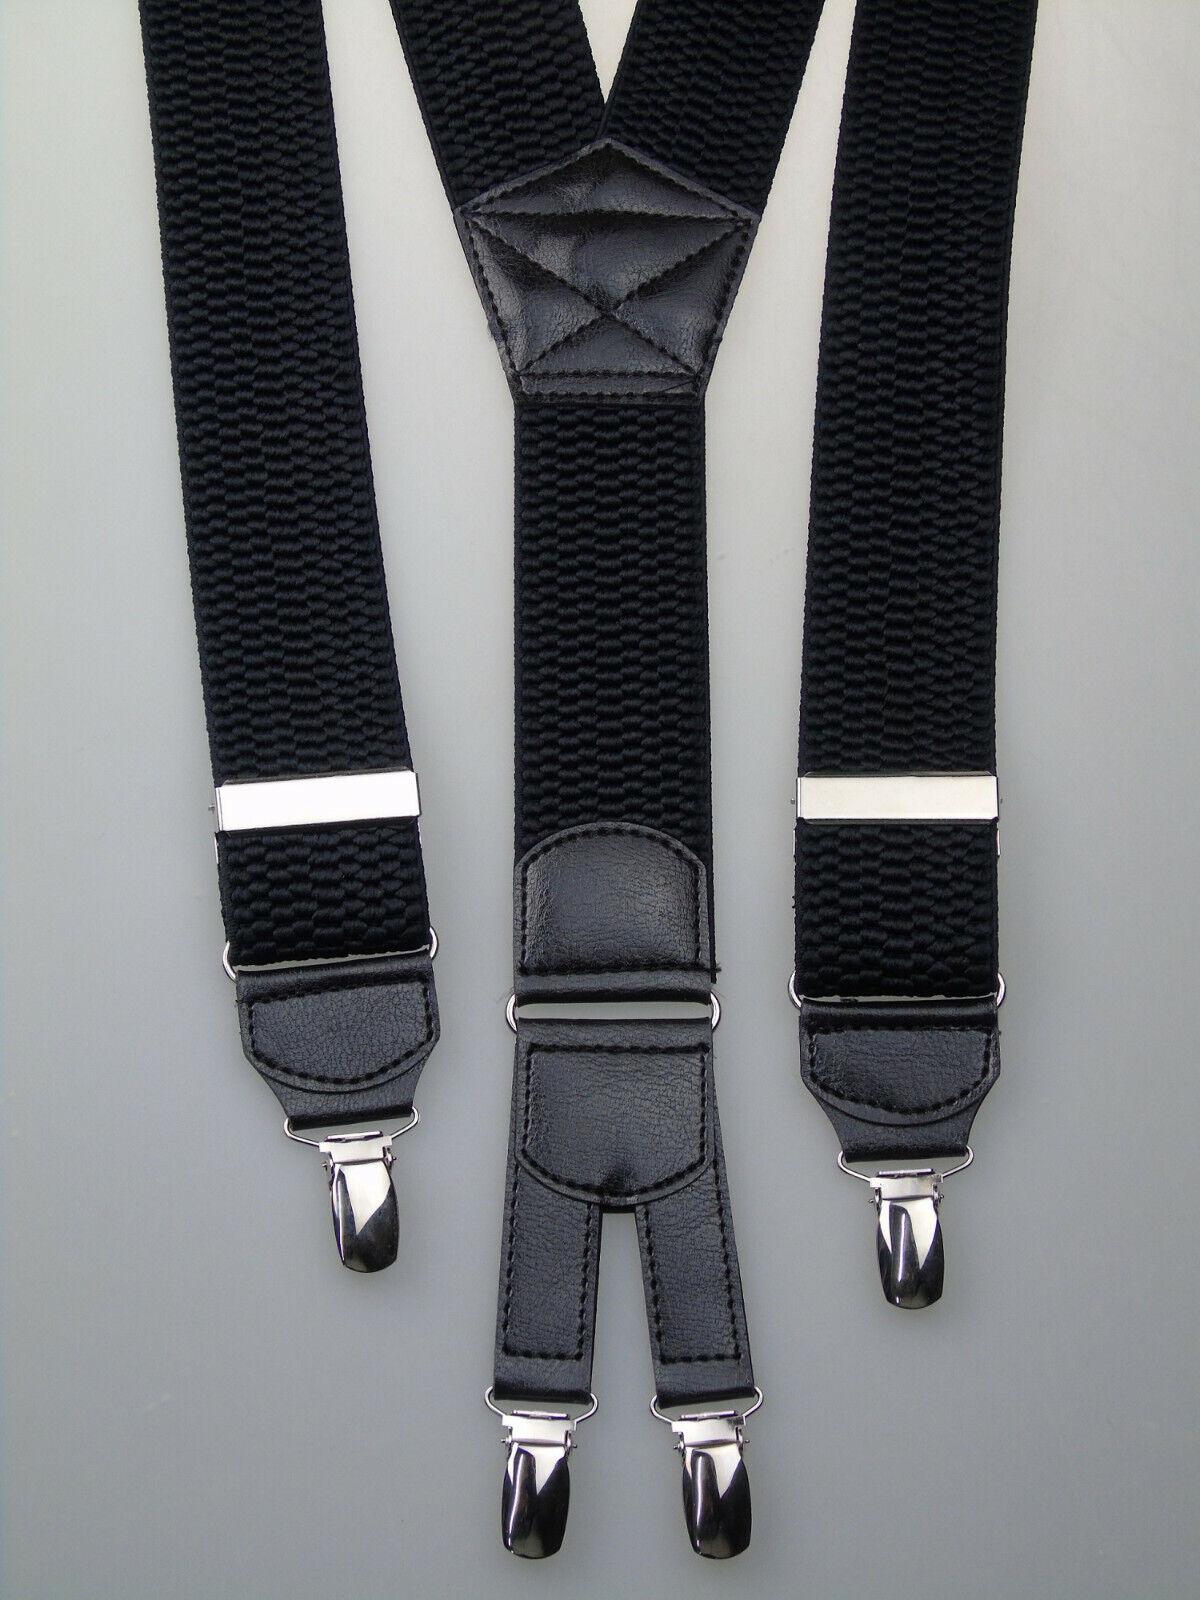 extra starke Y-Hosenträger 40 mm breit versch. Farben wählen 4 starke Clips